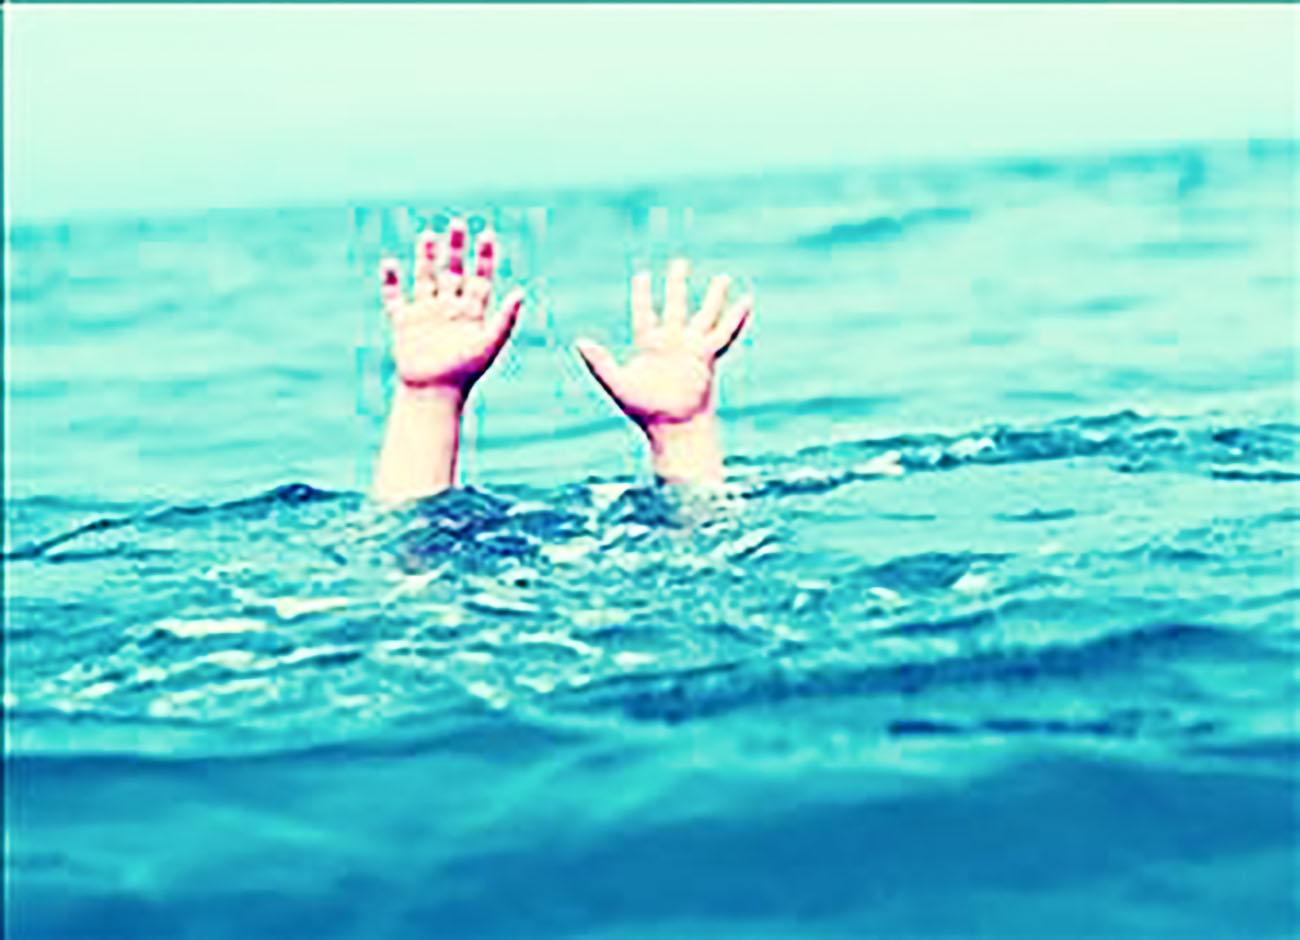 غرق شدن یک کودک در آبنما پارک چمران کرج به دلیل نبود حفاظ